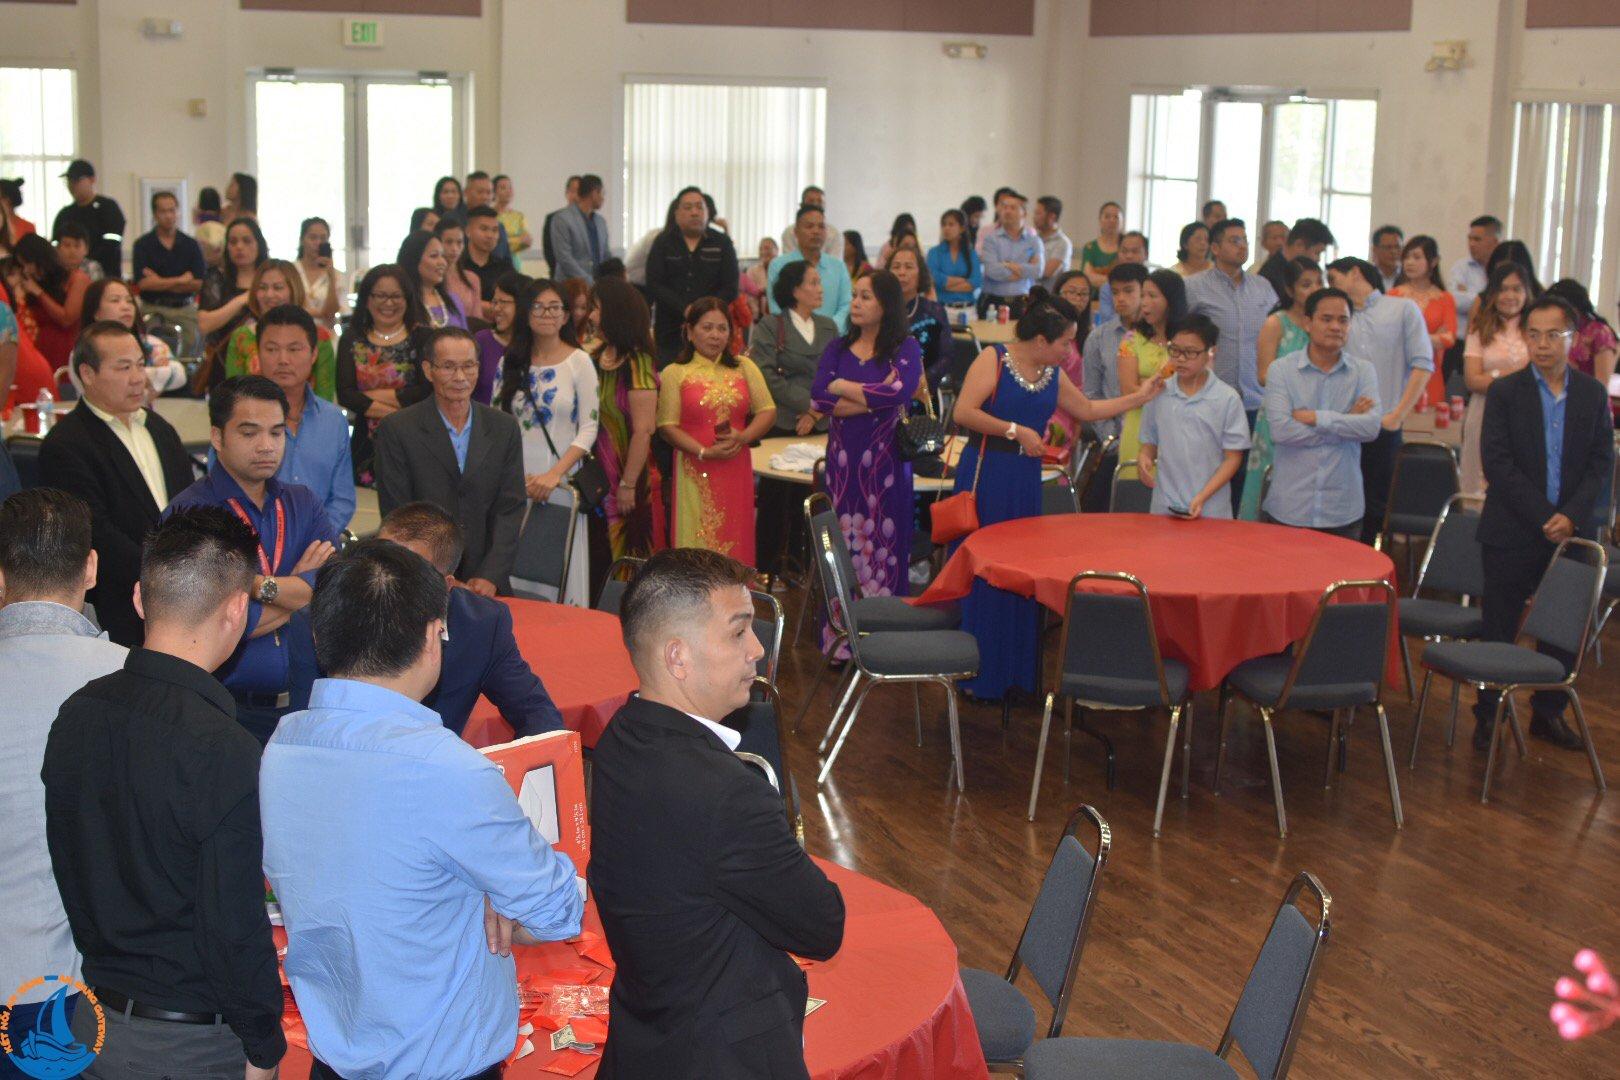 Người An Bằng tại Vùng Tây Nam Florida Mừng Xuân Mậu Tuất 2018